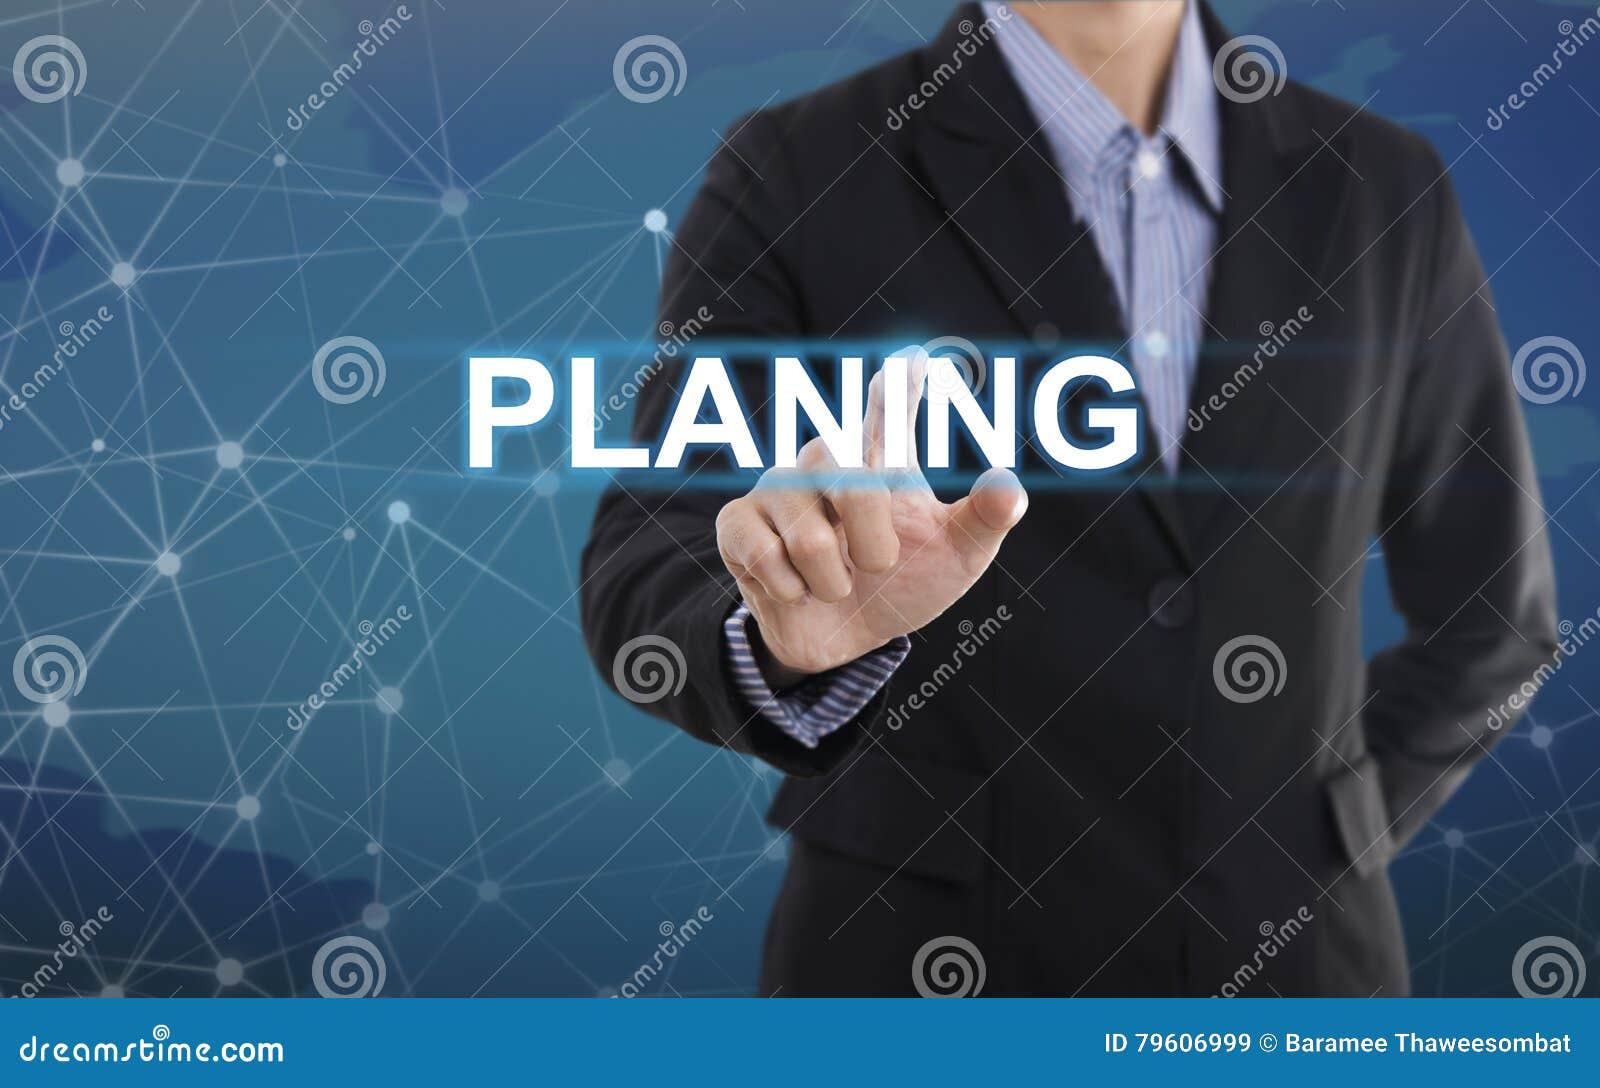 Aplanamento do botão da pressão de mão do homem de negócios